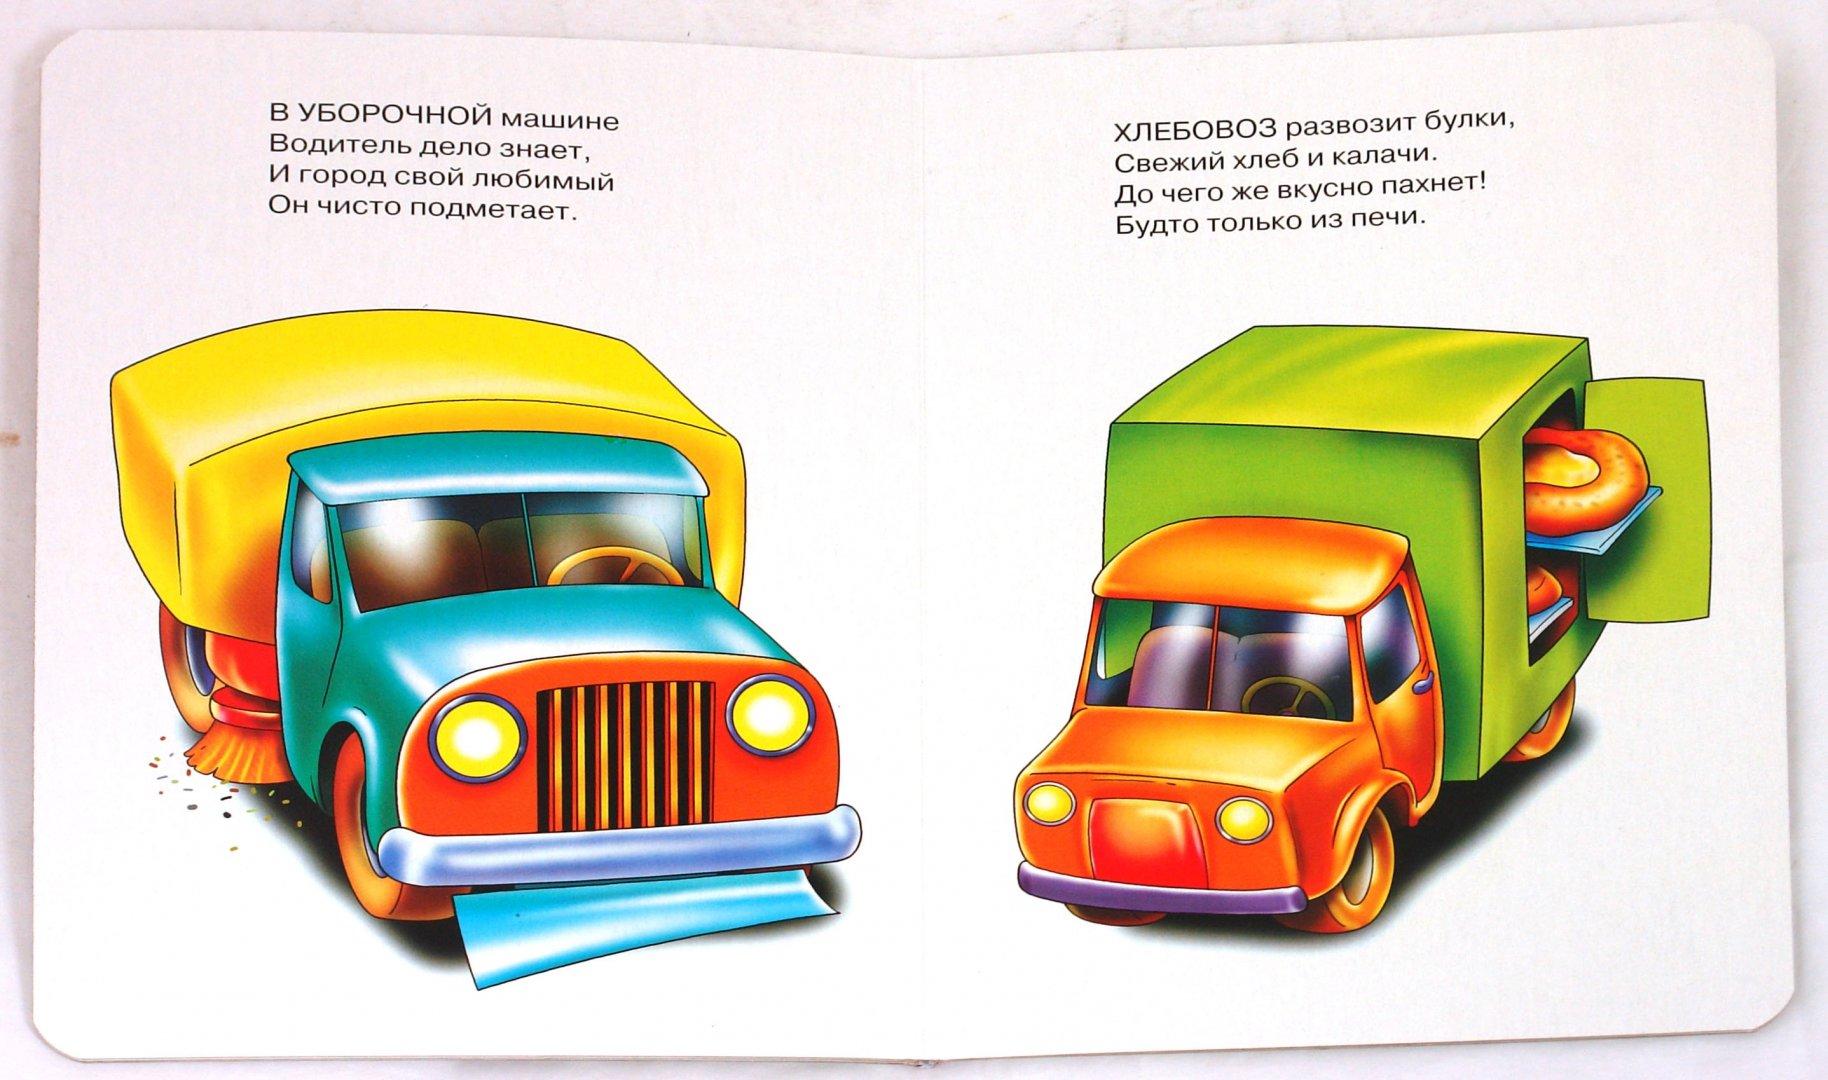 Иллюстрация 1 из 10 для Машины - Наталья Мигунова   Лабиринт - книги. Источник: Лабиринт